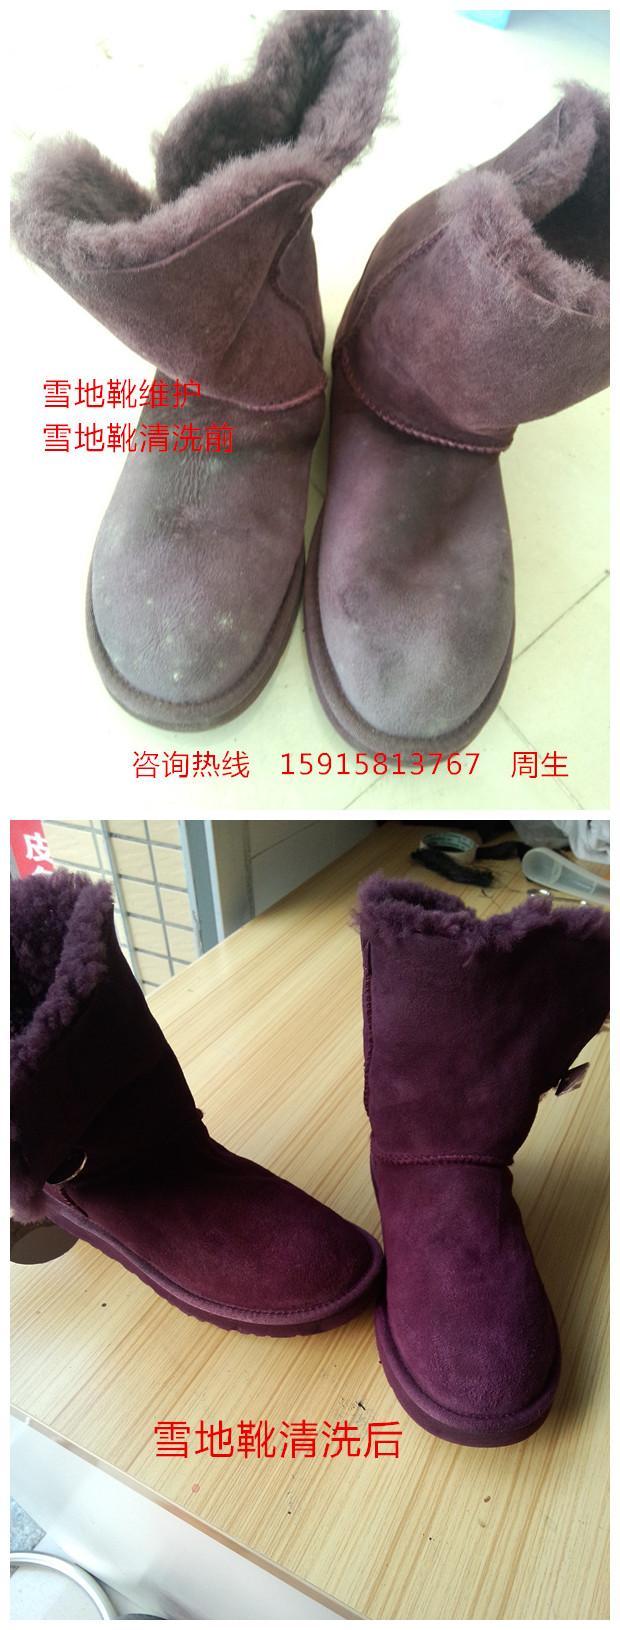 供应从化哪里可以修皮鞋,皮鞋翻新,皮鞋破口修复,皮鞋补色、清洁保养,皮鞋染色修复、磨损修复就找佳宇皮革制品